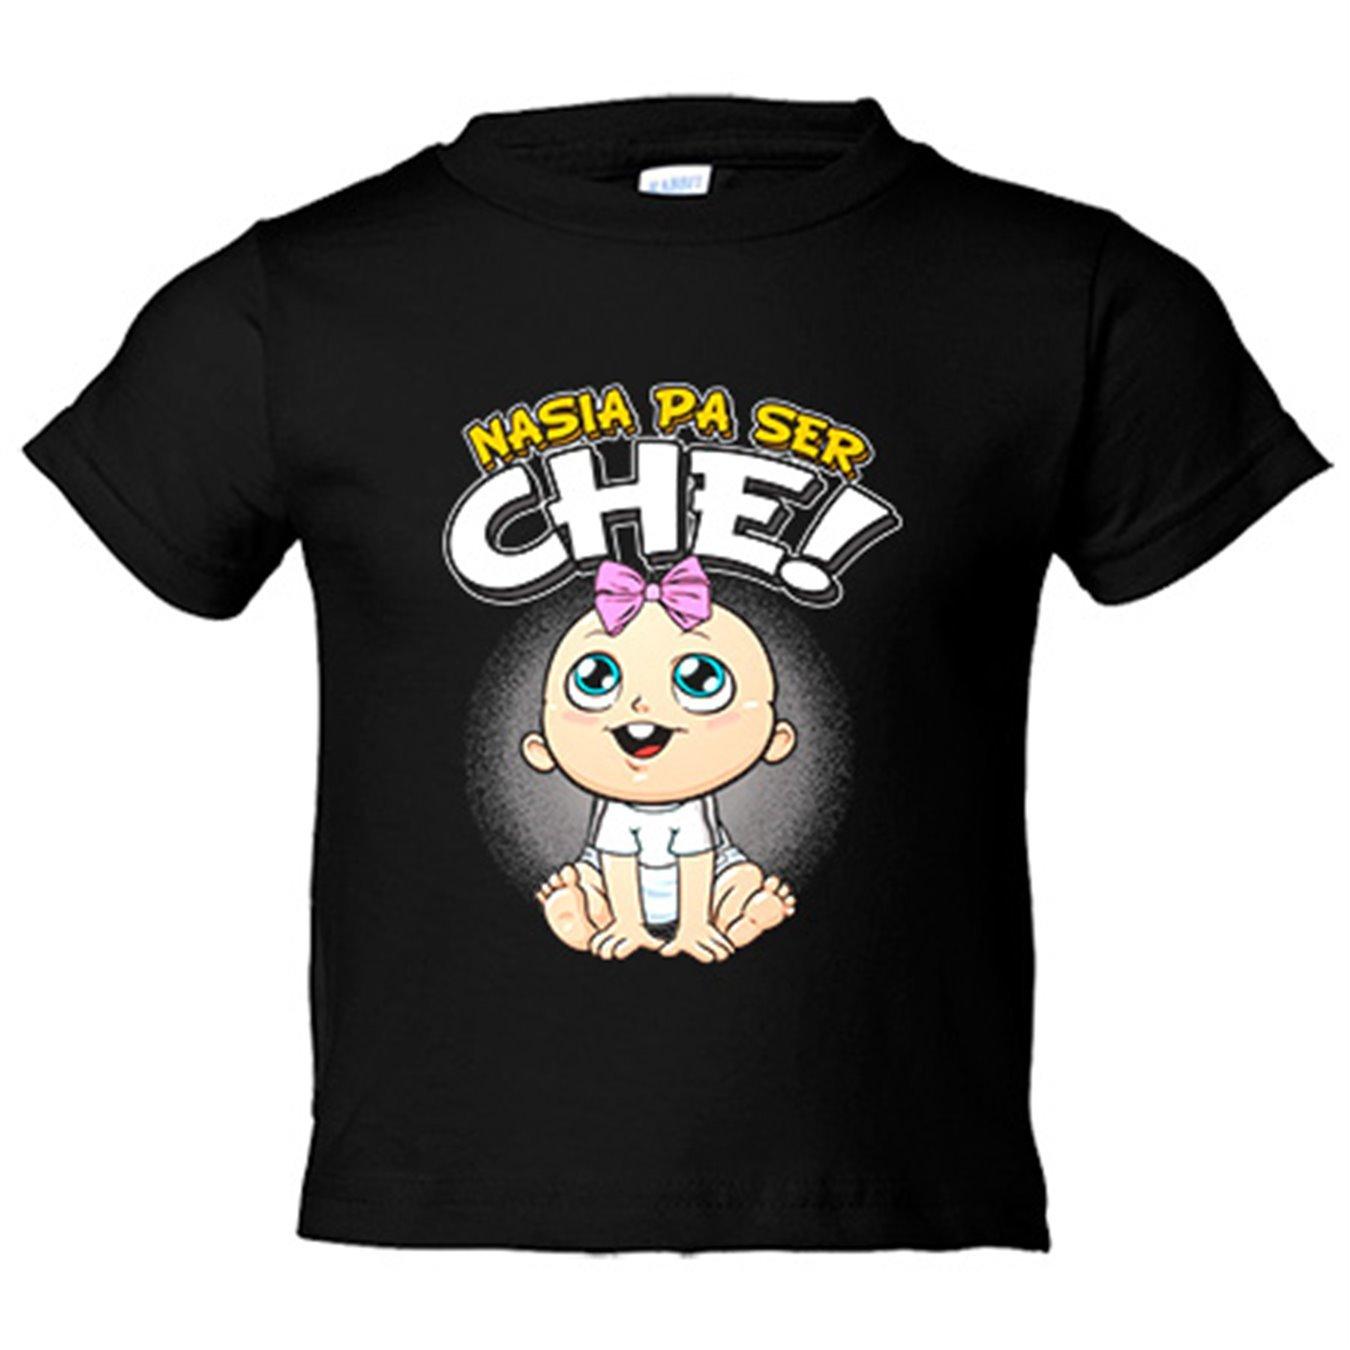 Camiseta niño nacida para ser Ché Valencia fútbol - Azul Royal, 3-4 años: Amazon.es: Bebé